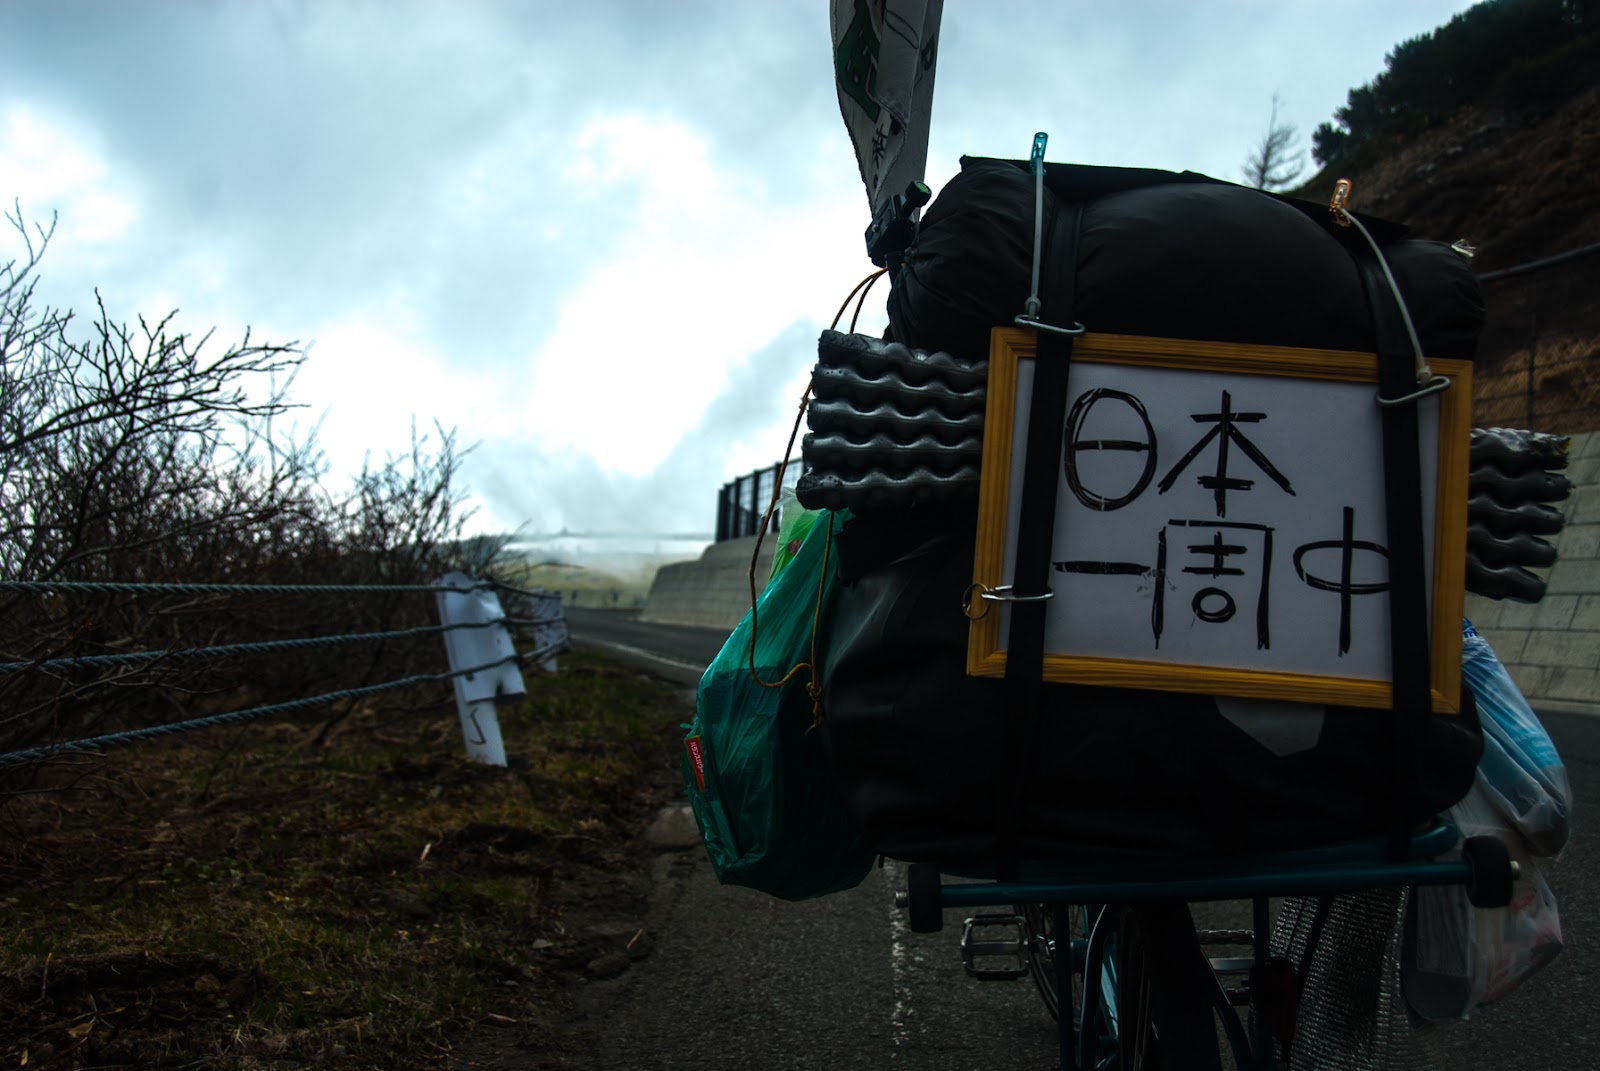 日本一周の看板を掲げた自転車